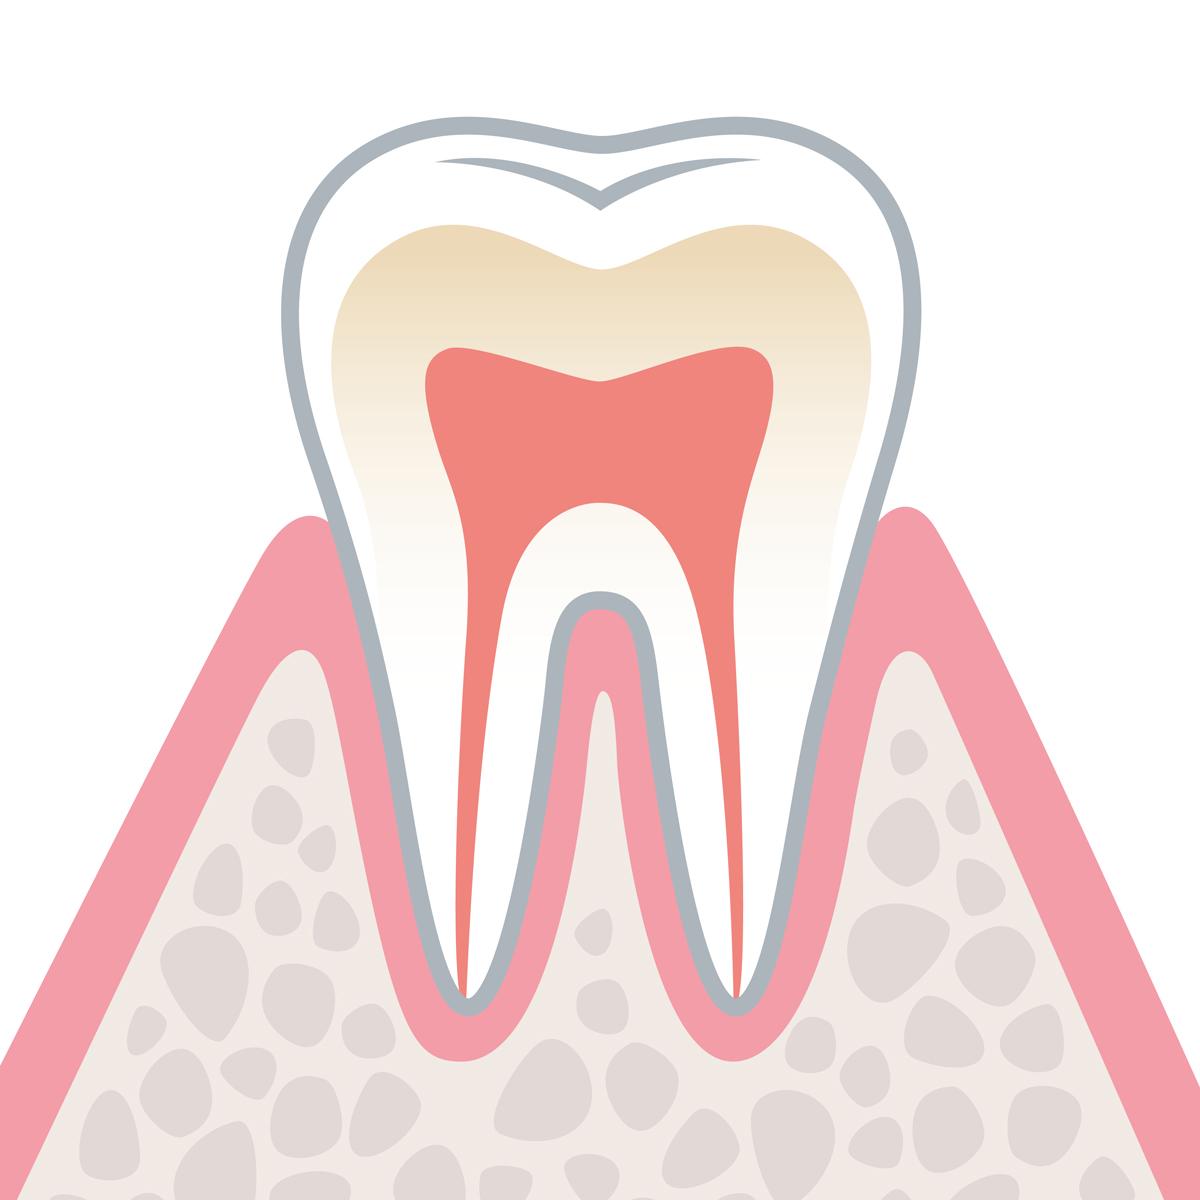 岡山県岡山市北区の歯医者 たんじフレンド歯科 歯周病 健康な状態